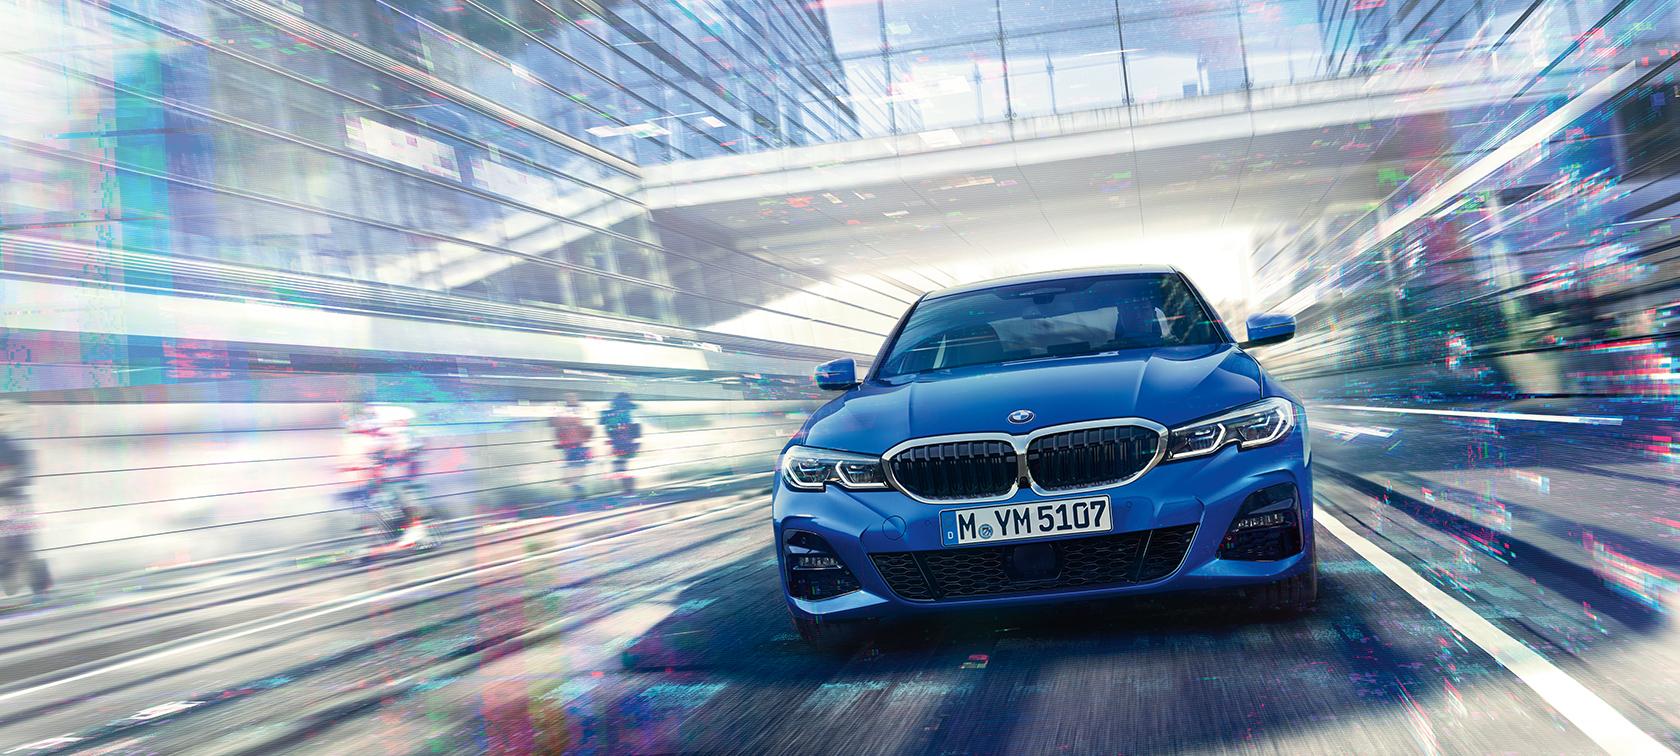 Egy üvegépület alatt suhanó BMW 3-as Limousine szemből.